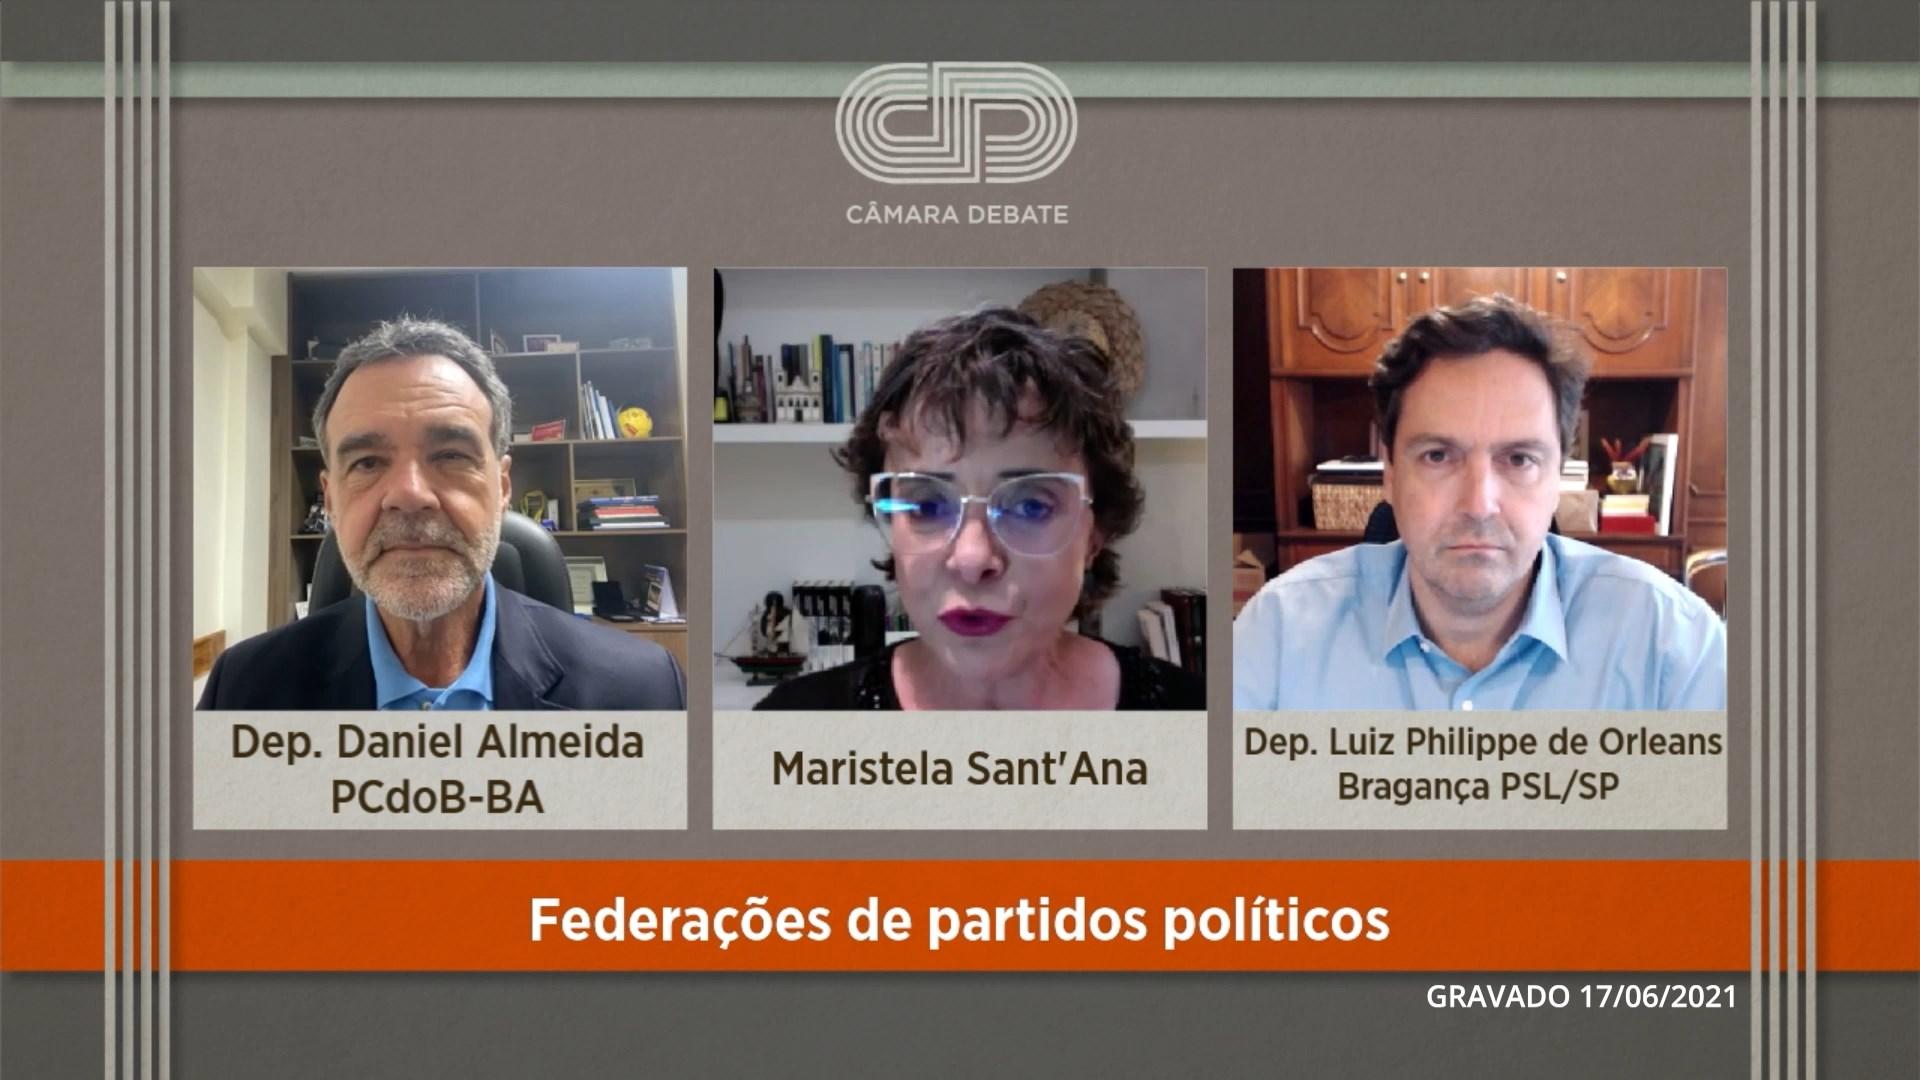 Federações de partidos políticos